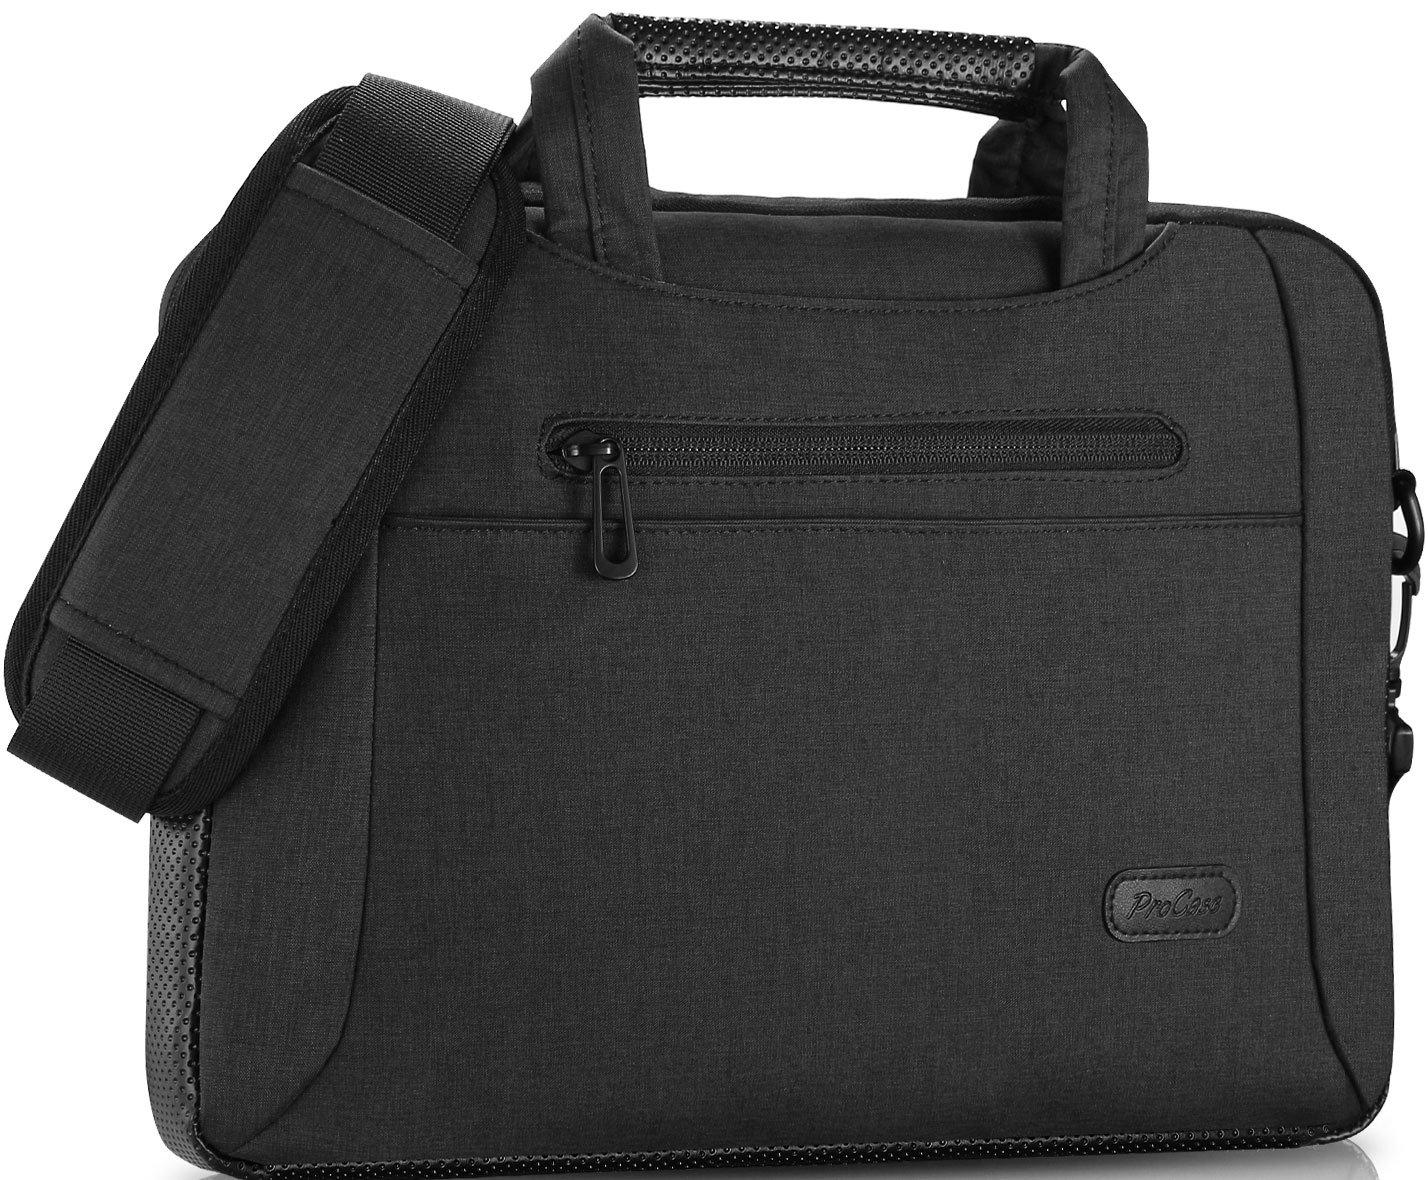 ProCase 11-12 Inch Laptop Bag Messenger Shoulder Bag Briefcase Sleeve Case for 12'' MacBook Surface Pro 2017 / Pro 4 3, 11 12 Inch Laptop Ultrabook Tablet Notebook MacBook Chromebook Computer -Black